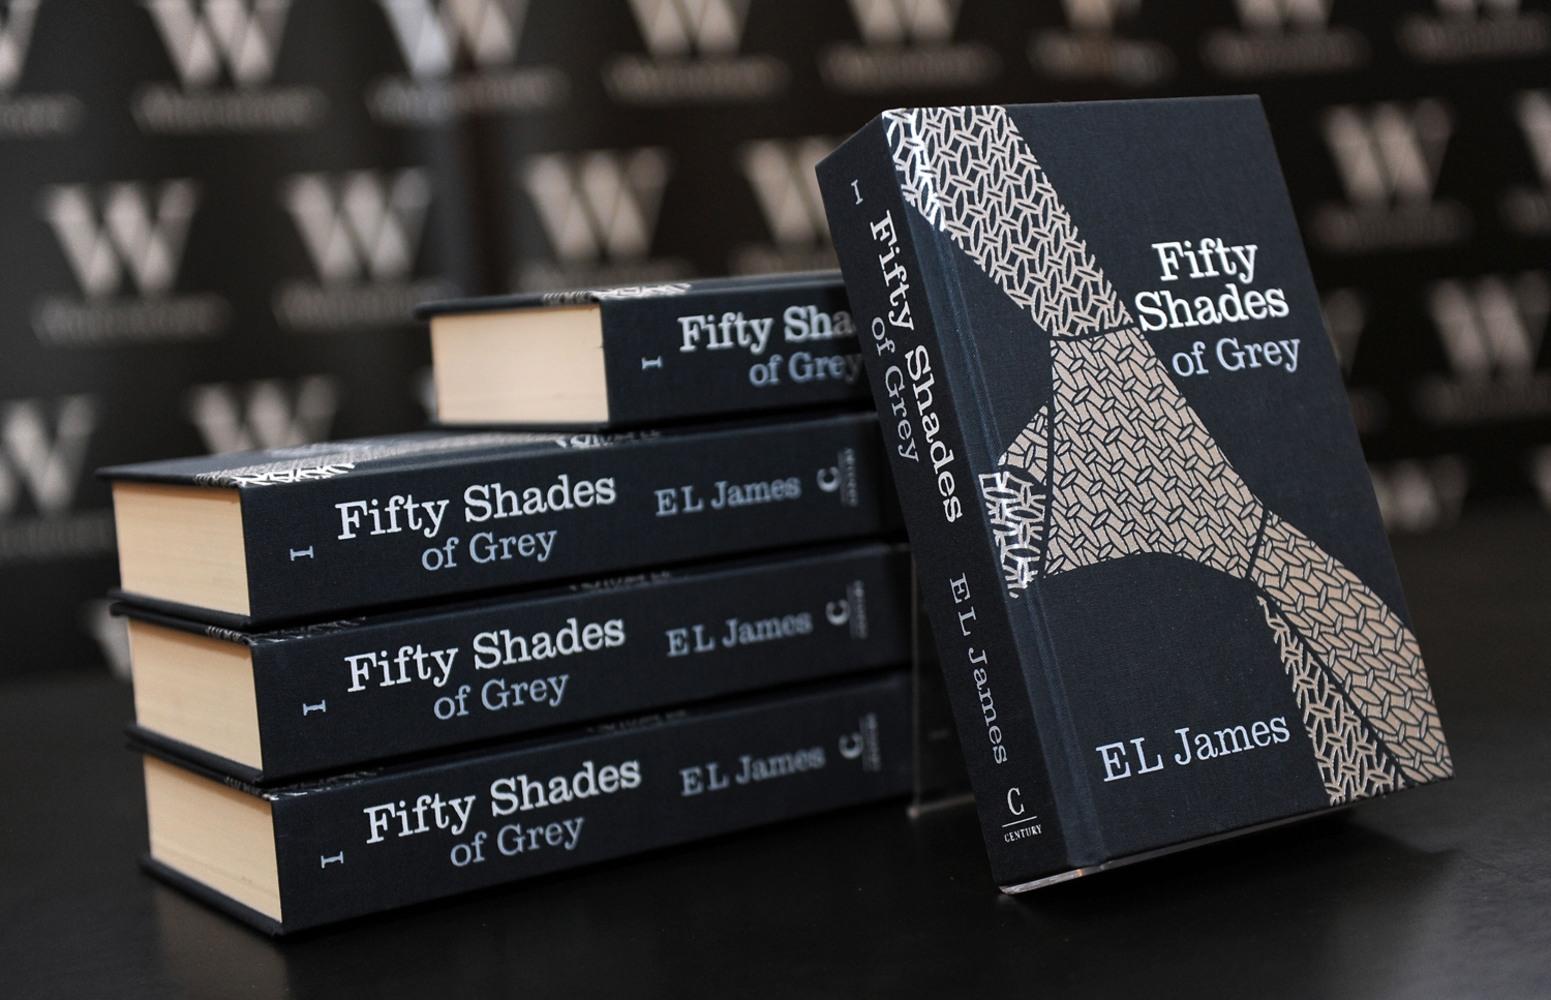 50 Shades Of Grey Скачать Книгу Бесплатно